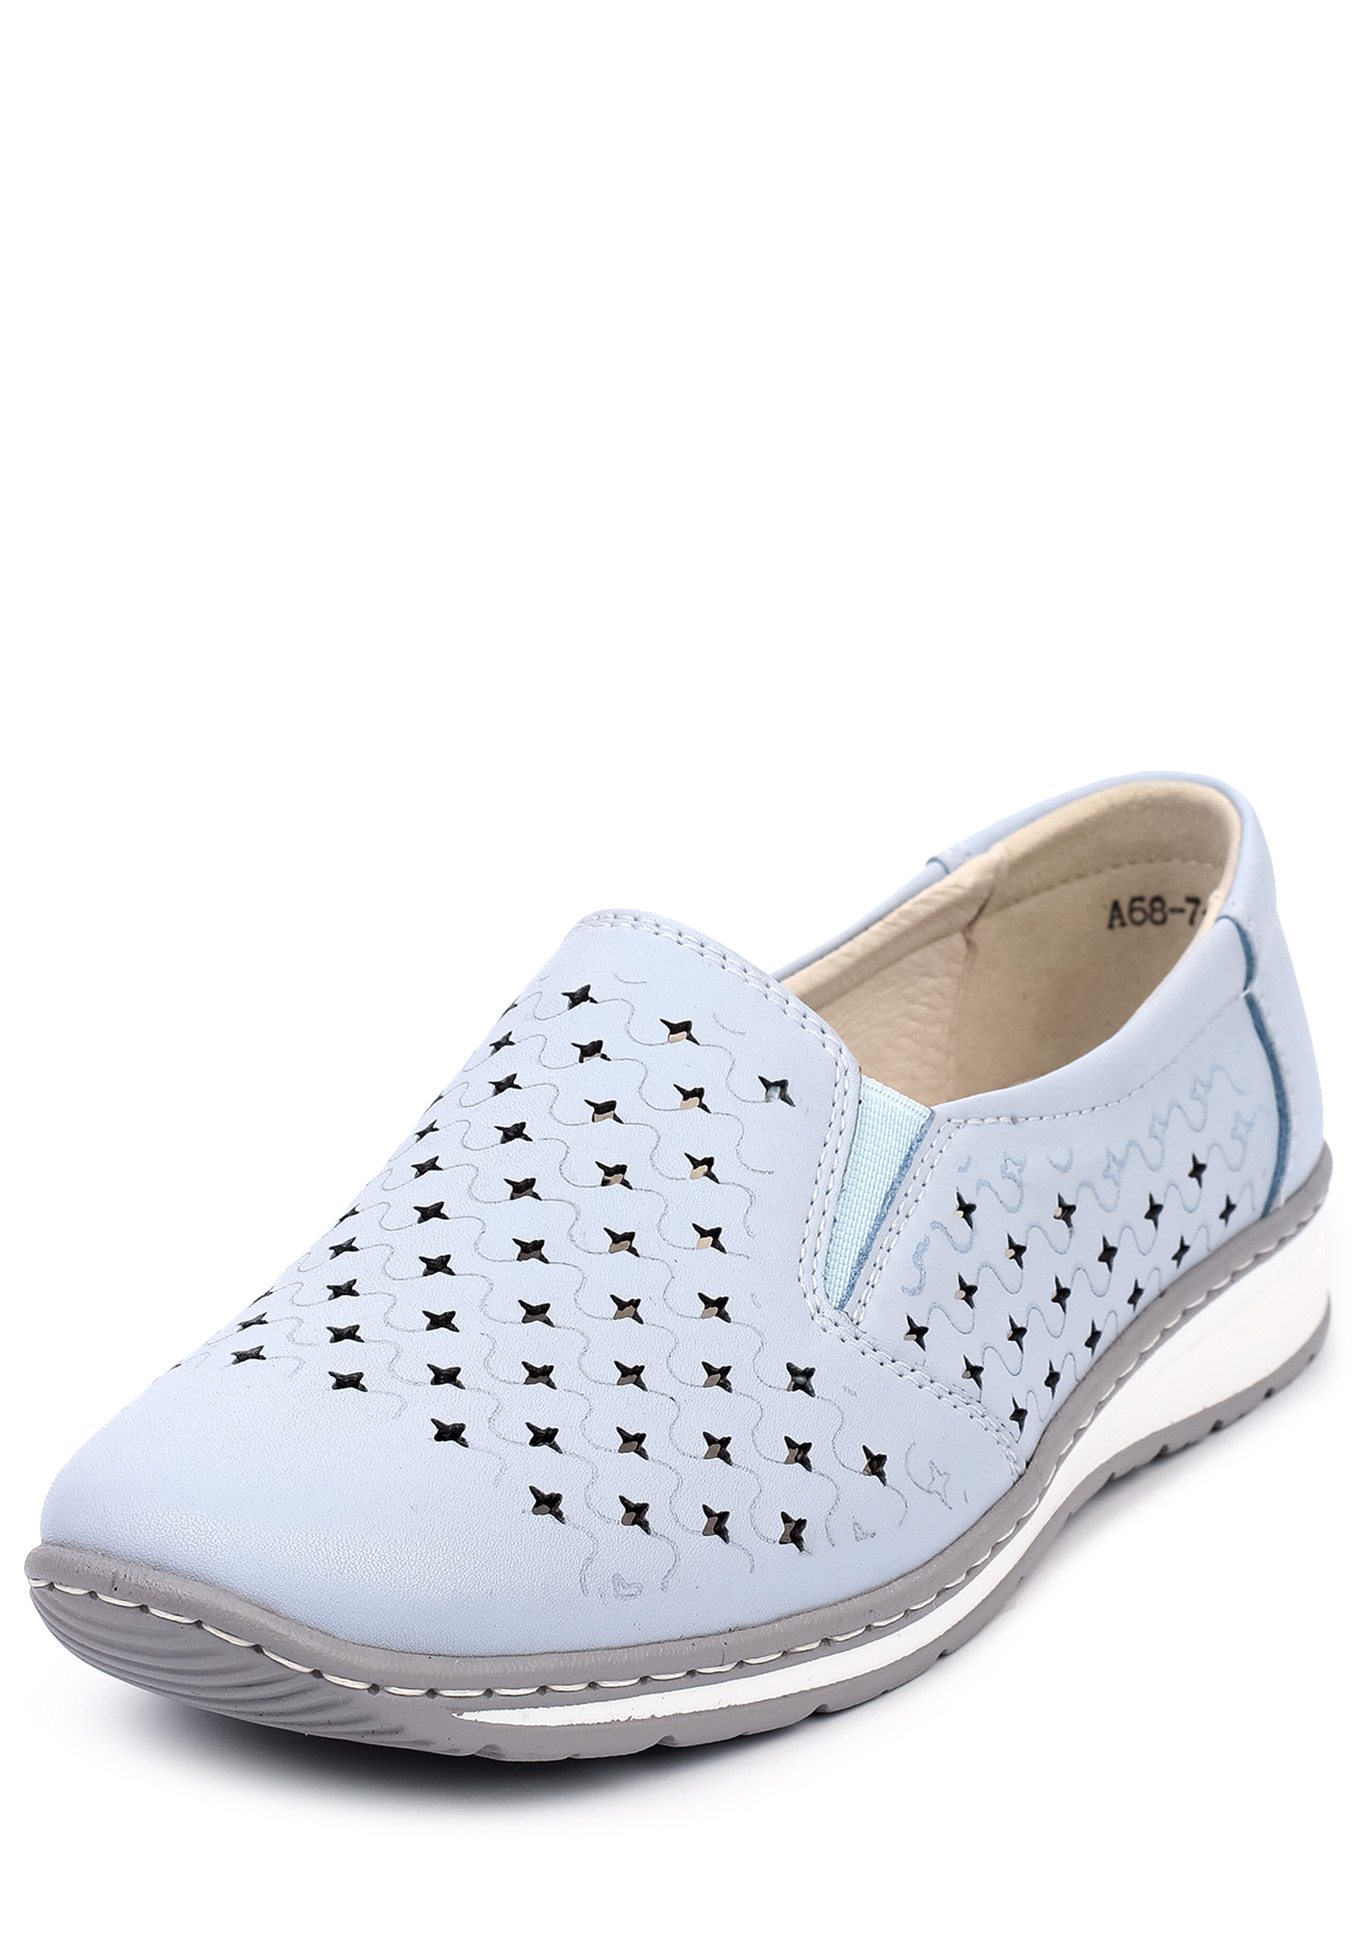 Туфли летние женские Гретта